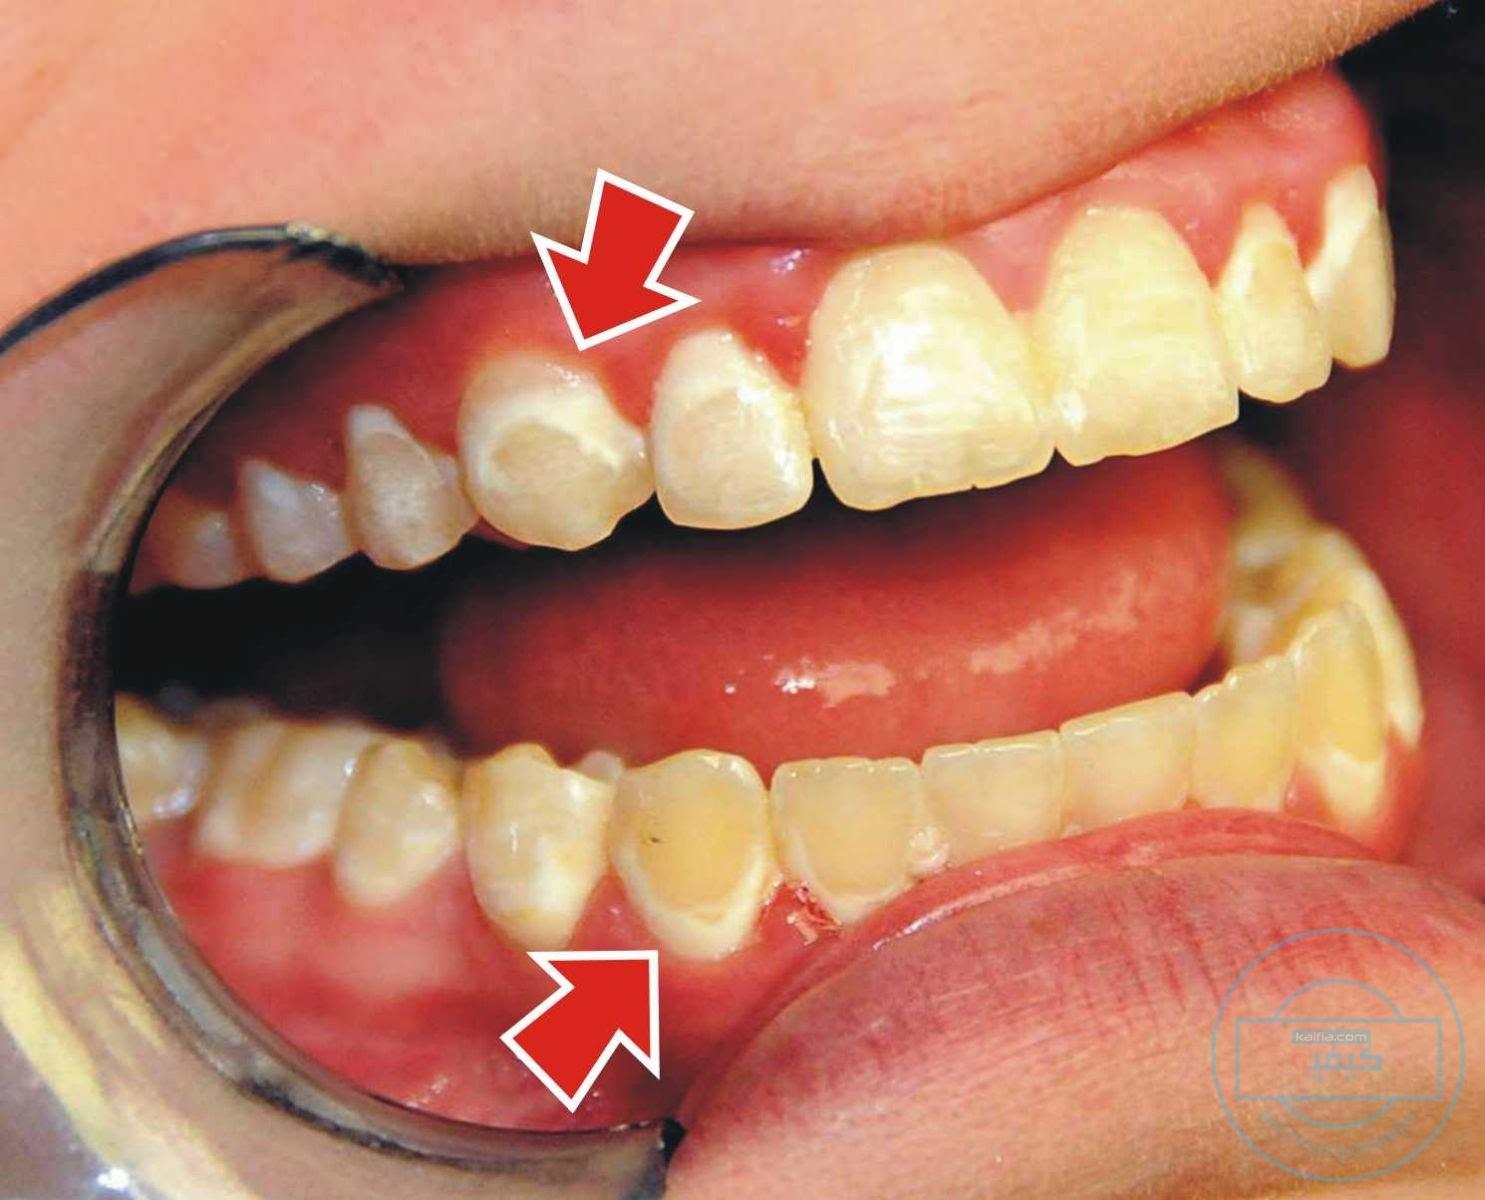 إنطباع كفريق واحد مع نادر كيفية ازالة طبقة الجير من الاسنان Dsvdedommel Com